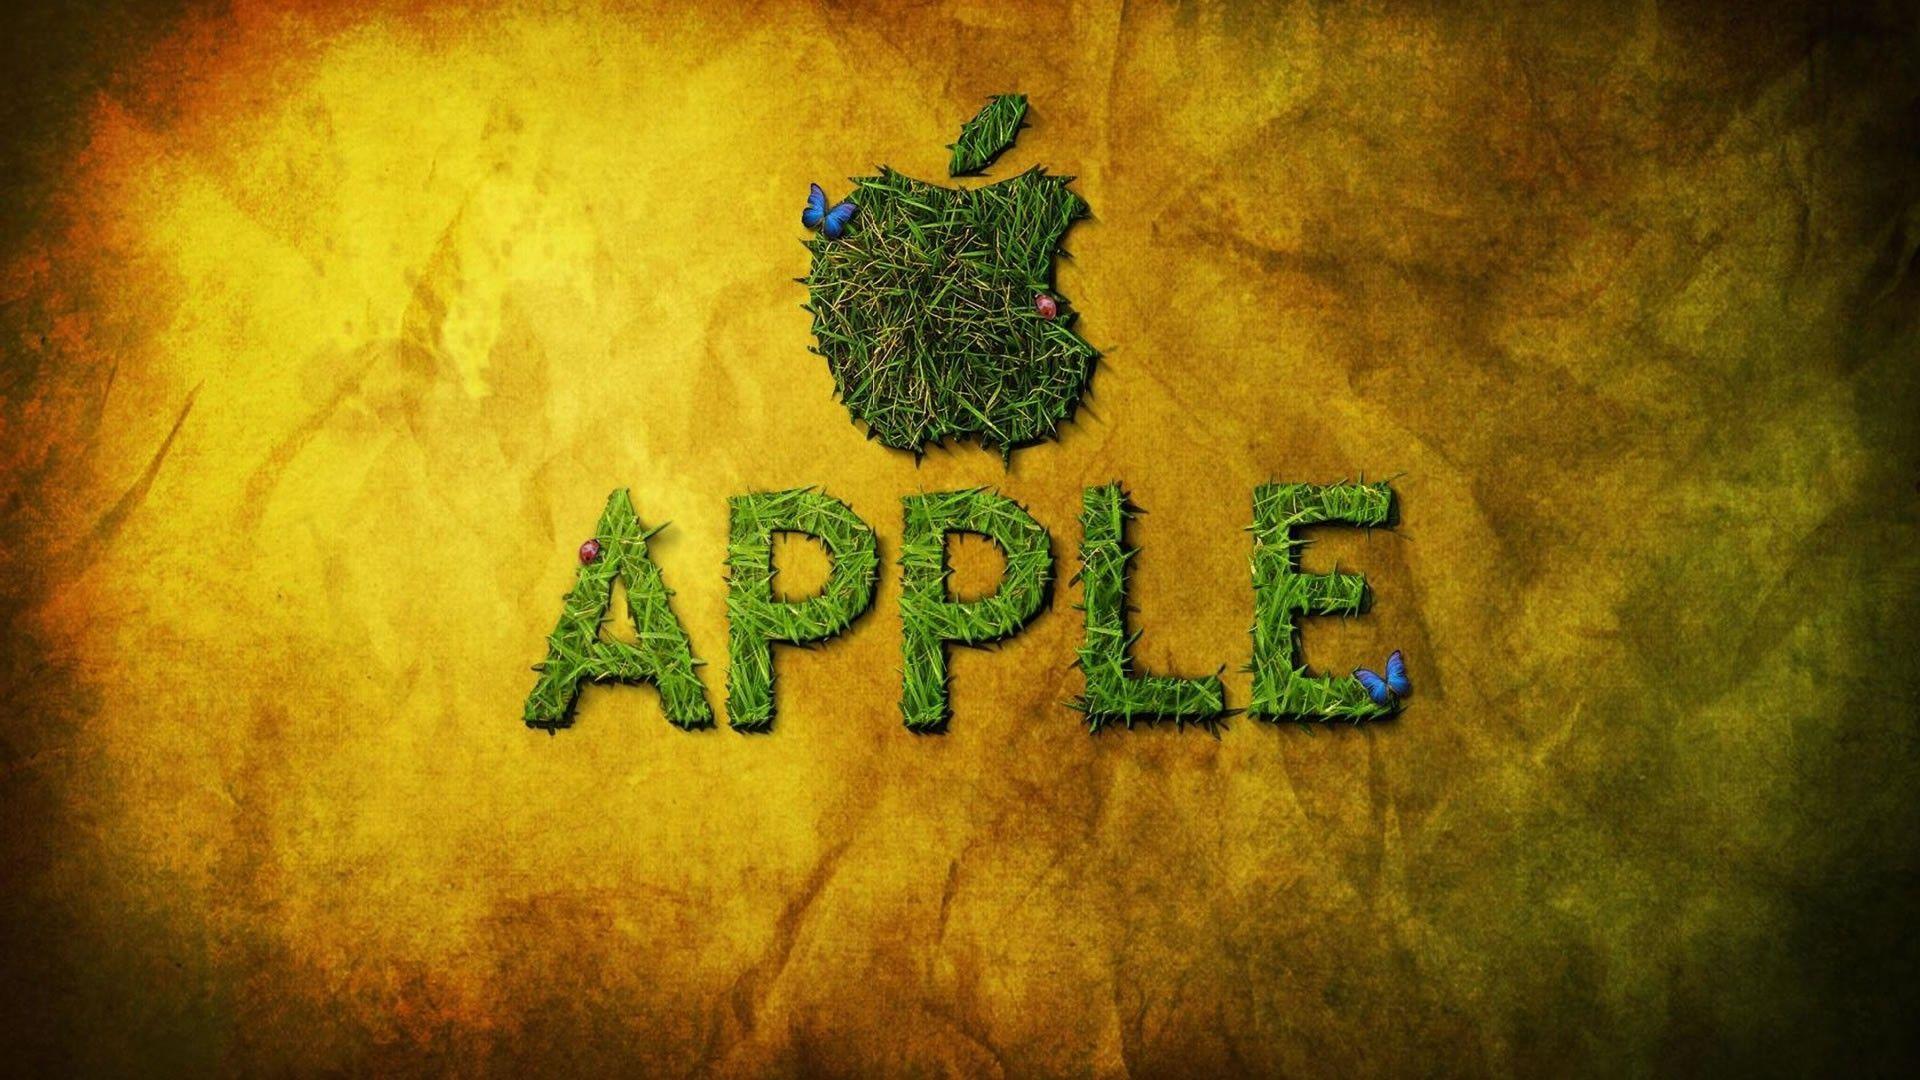 Apple Grass Wallpapers 1920x1080